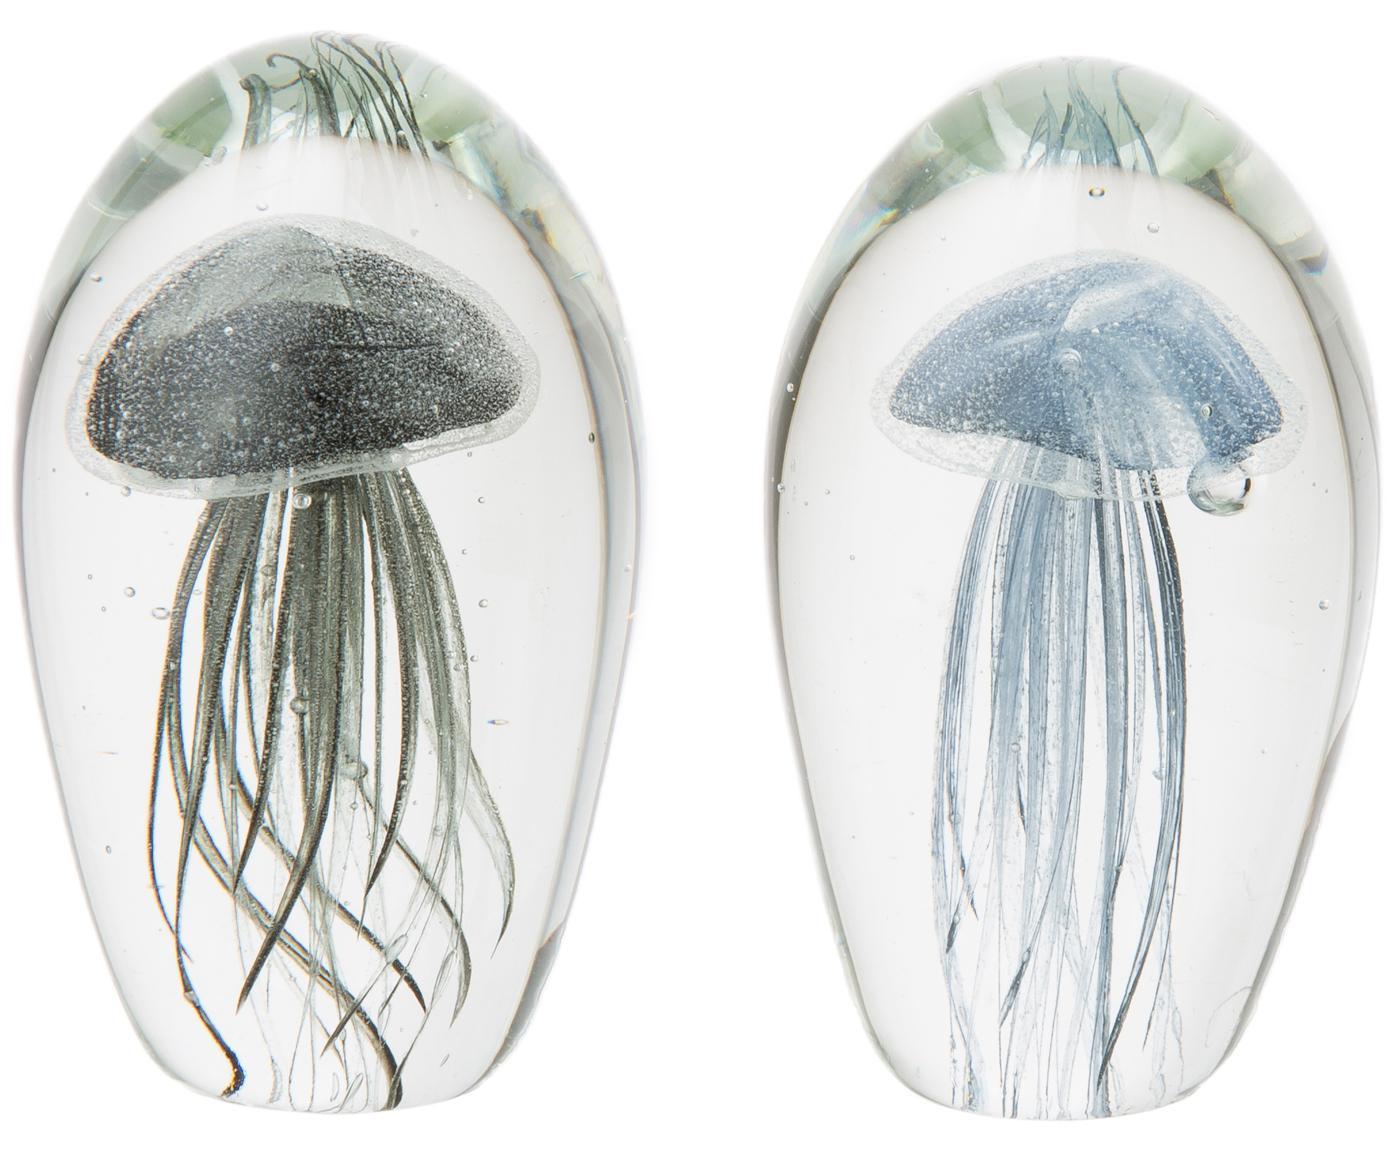 Set de piezas decorativas Medusa, 2pzas., Vidrio, teñido, Pisapapeles: transparente Medusas: gris azulado, negro, Ø 8 x Al 12 cm